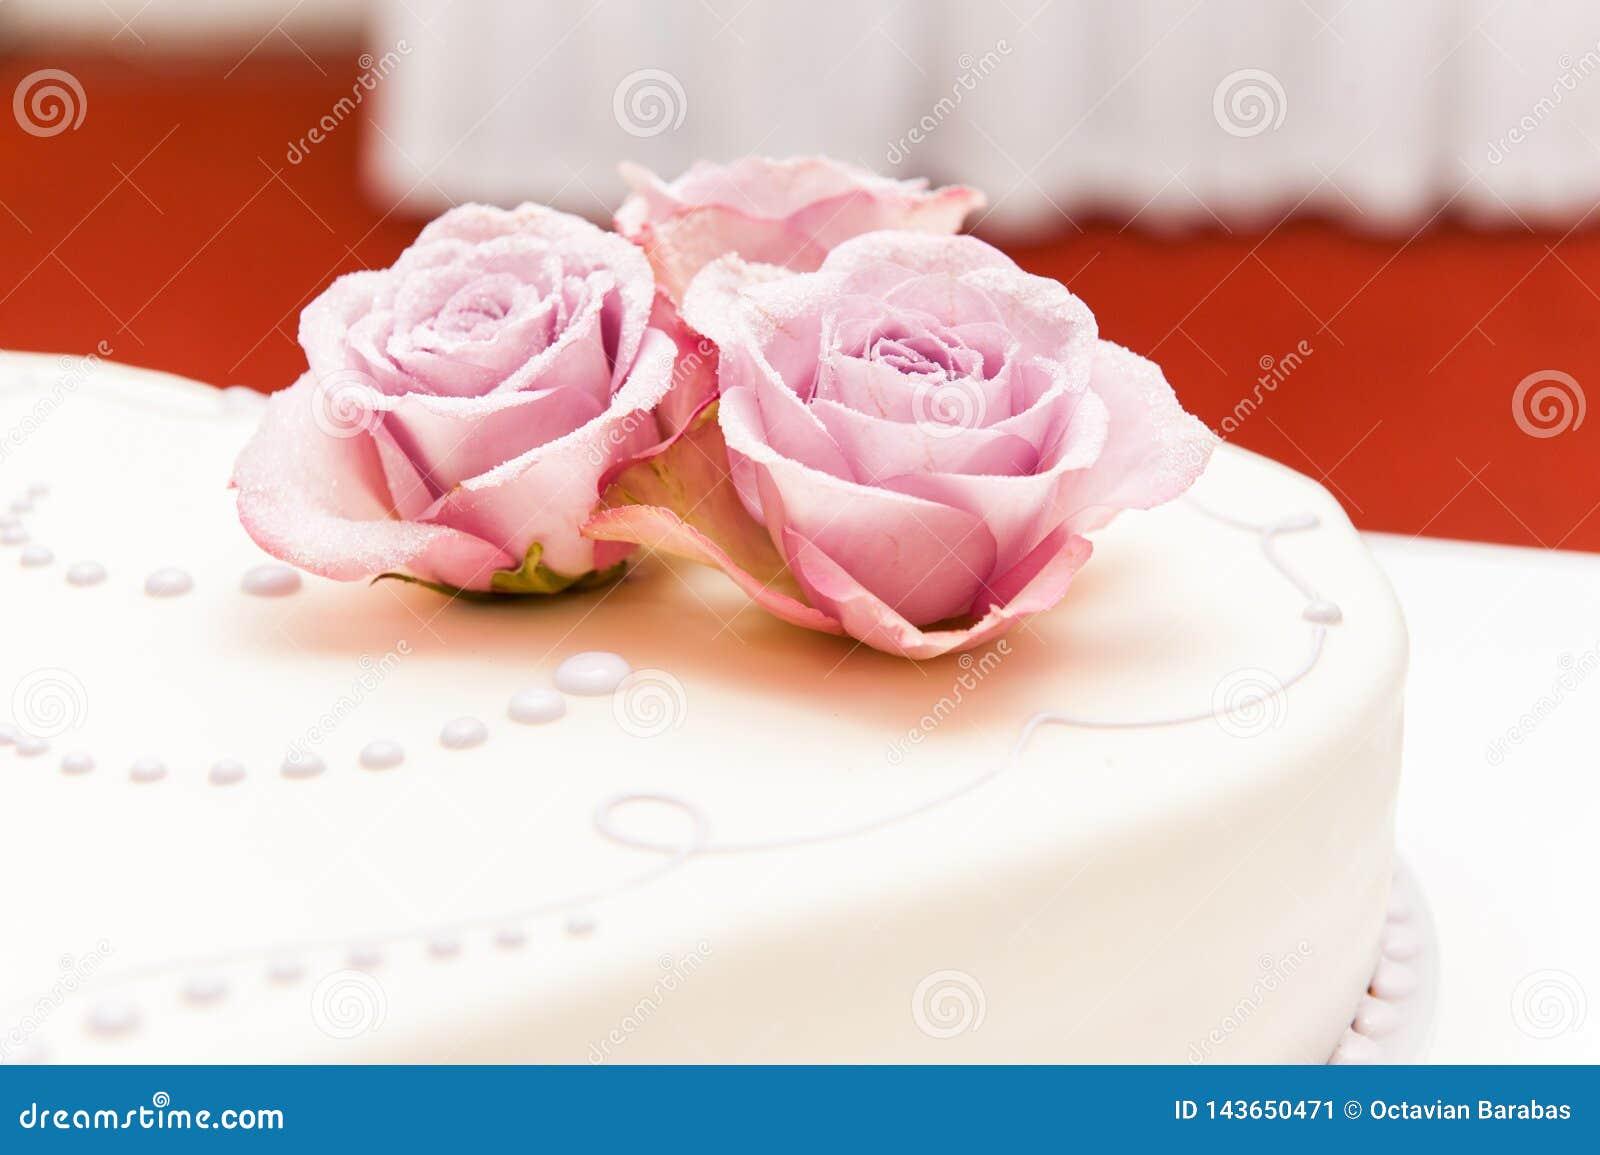 Pink roses made of sugar on wedding cake